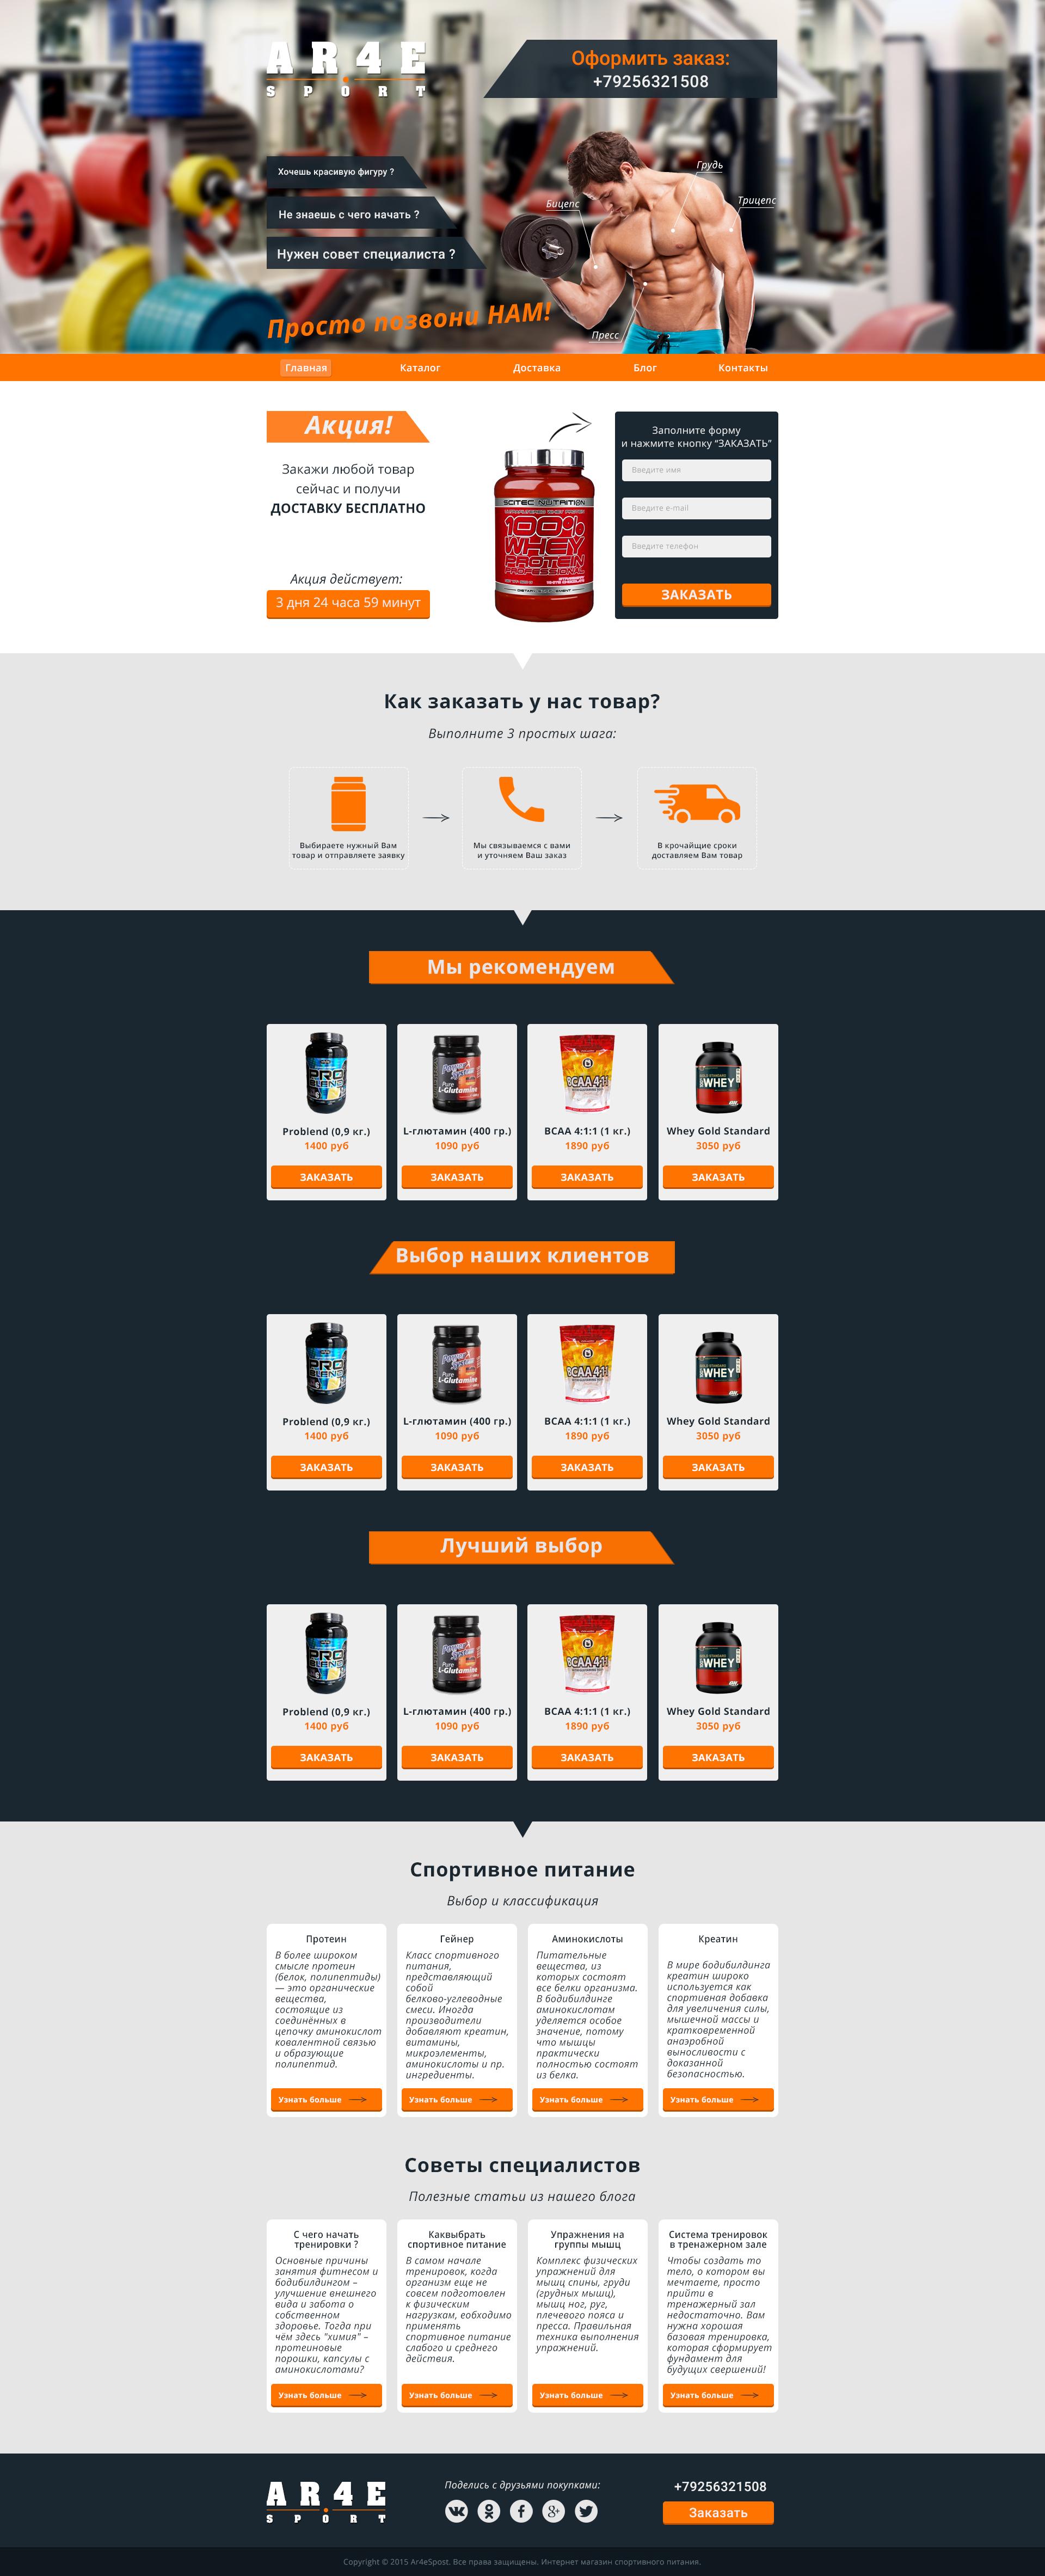 Дизайн Landing page(Лендинг) в стиле минимал(minimal) спортивного питания.